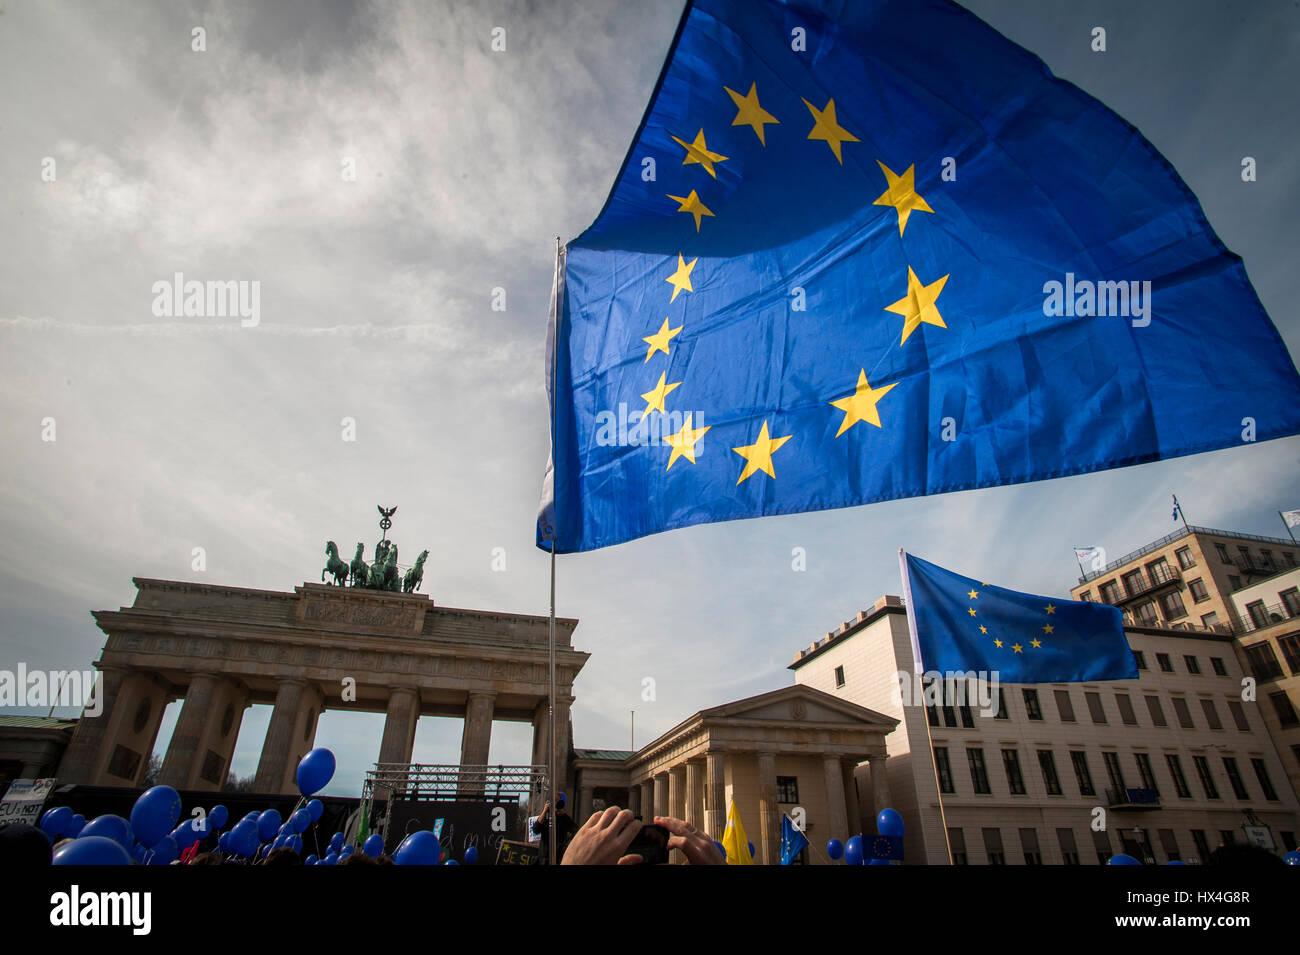 """Berlino, Germania 25 Mar, 2017 Gli europei si riuniscono presso il 'Marco per l'Europa"""", la Porta di Brandeburgo, Berlino, Germania. Il sessantesimo anniversario della firma dei Trattati di Roma una decina di migliaia di persone hanno marciato in tutta Europe città principali a sostegno dell'Unione europea. Credito: Craig Stennet/Alamy Live News Foto Stock"""